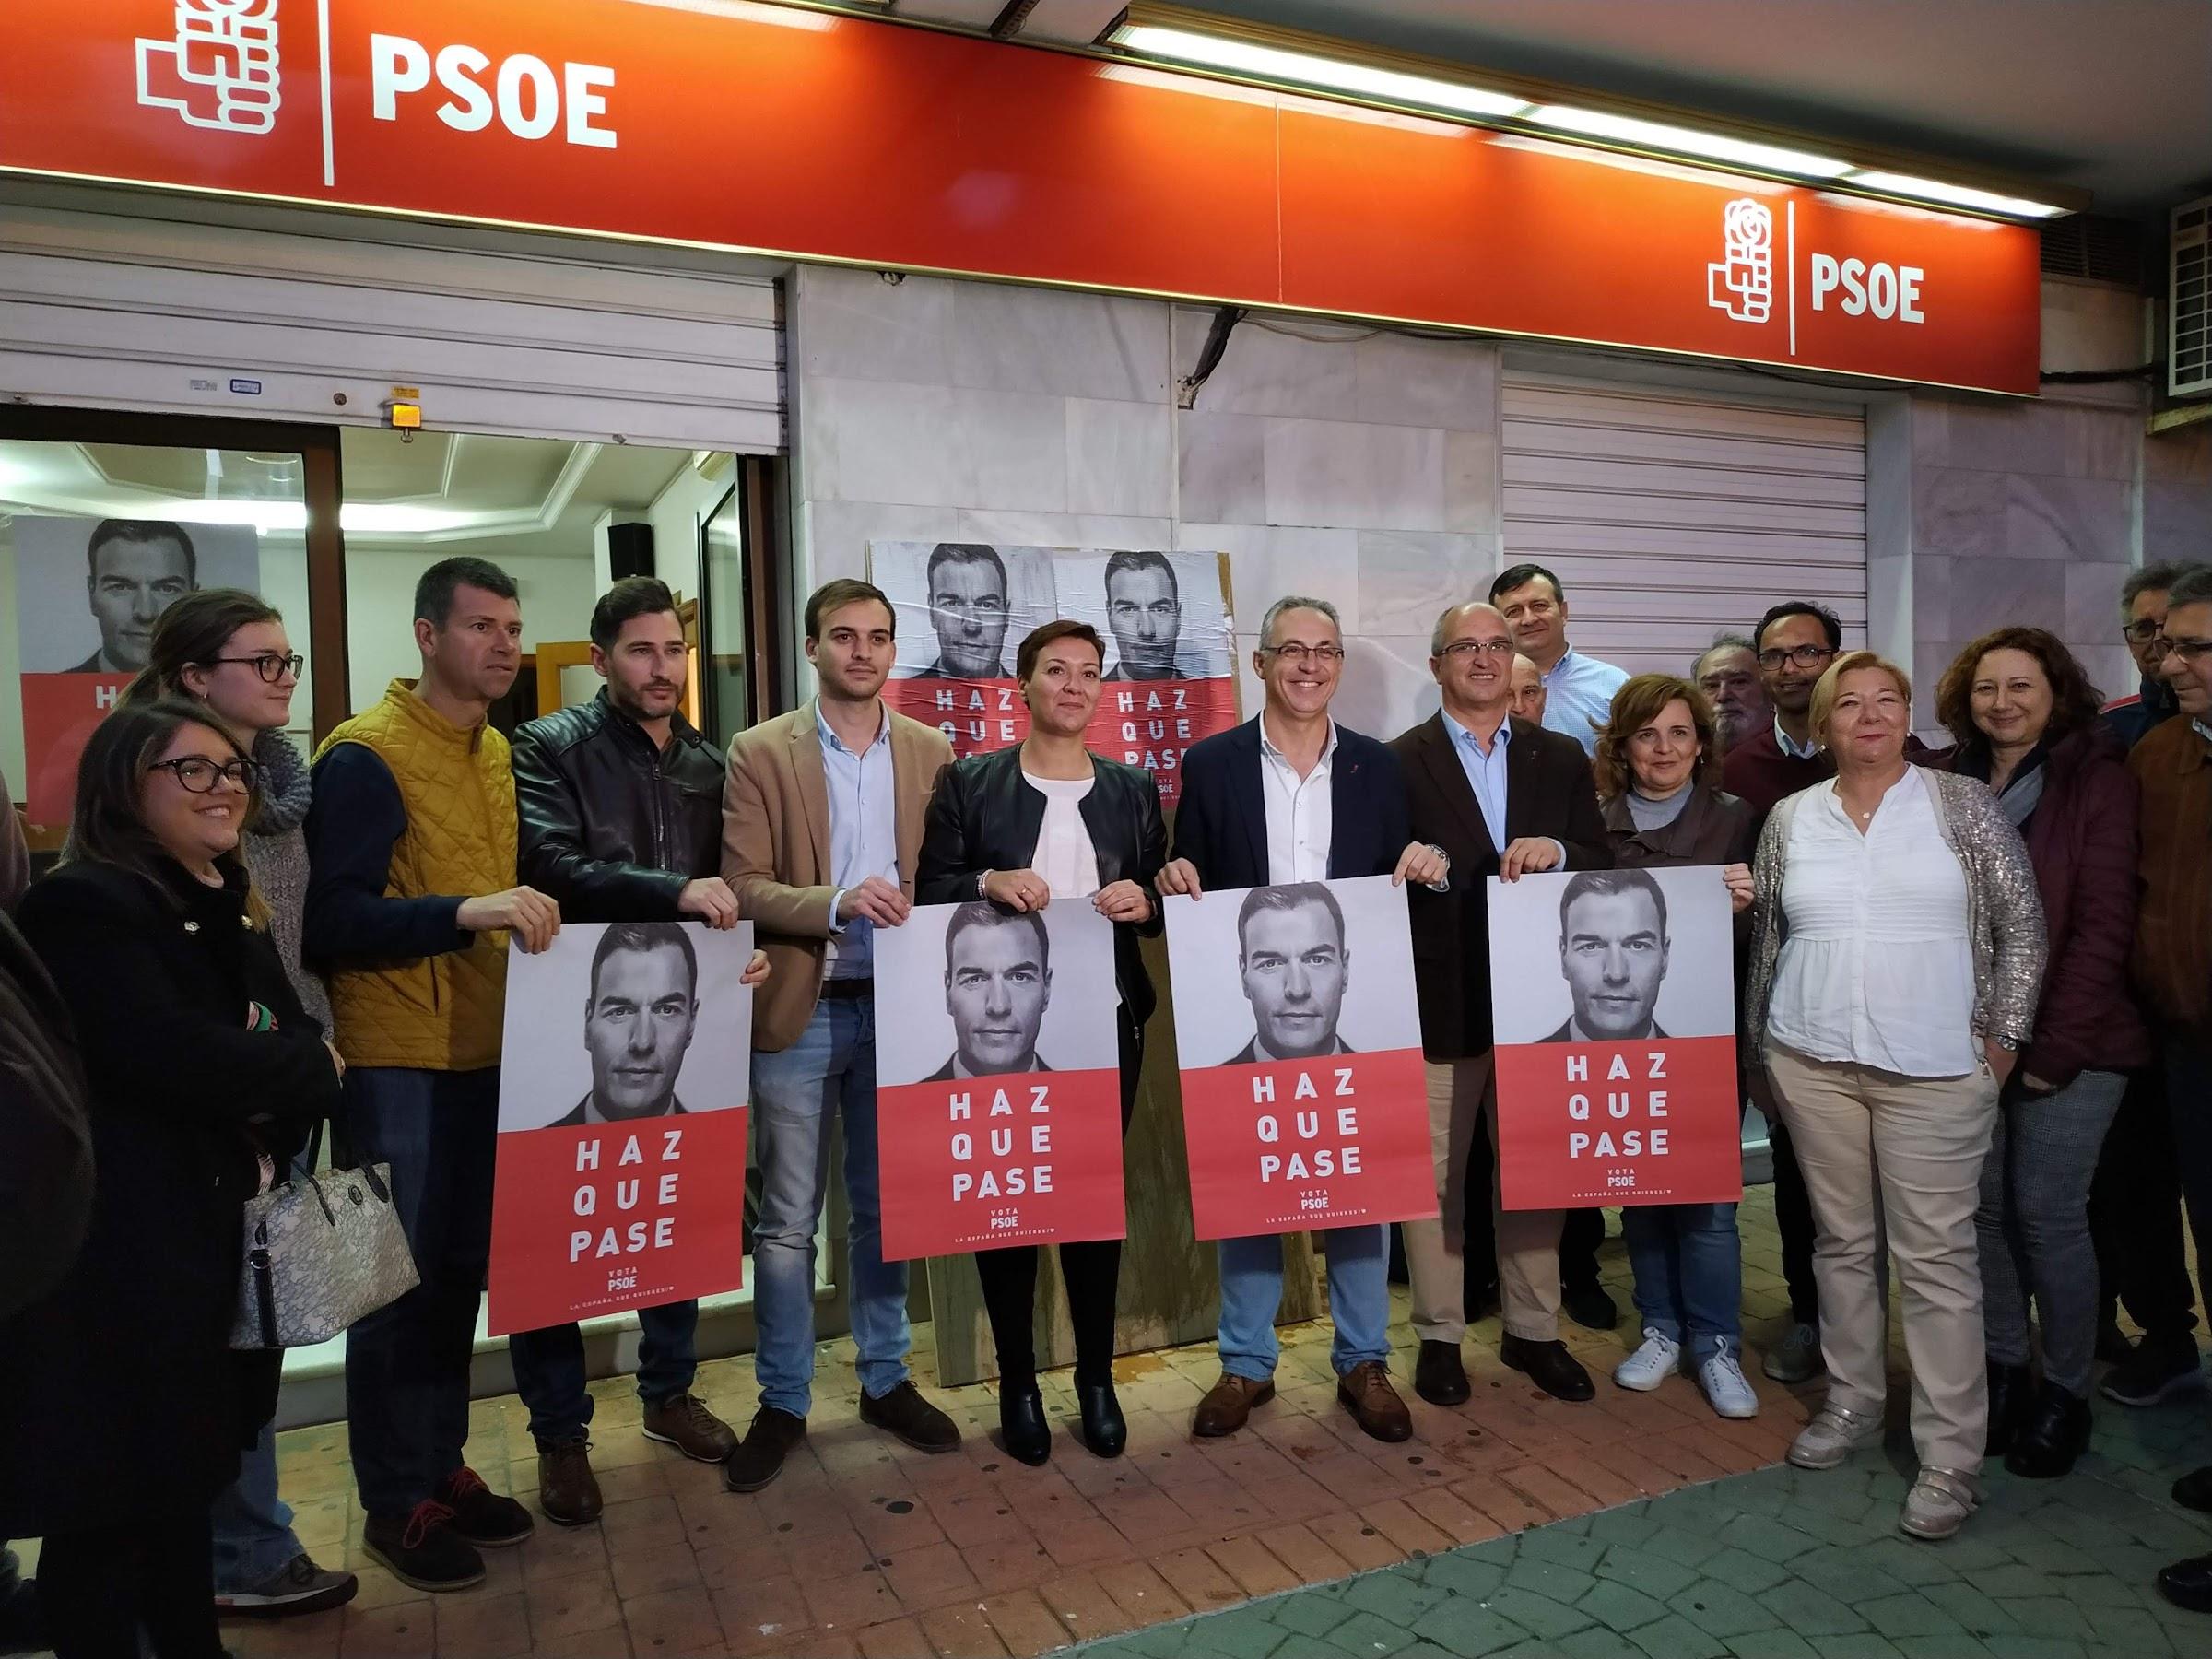 Lozano y Araujo llaman a la participación en la pegada simbólica de inicio de campaña por las generales